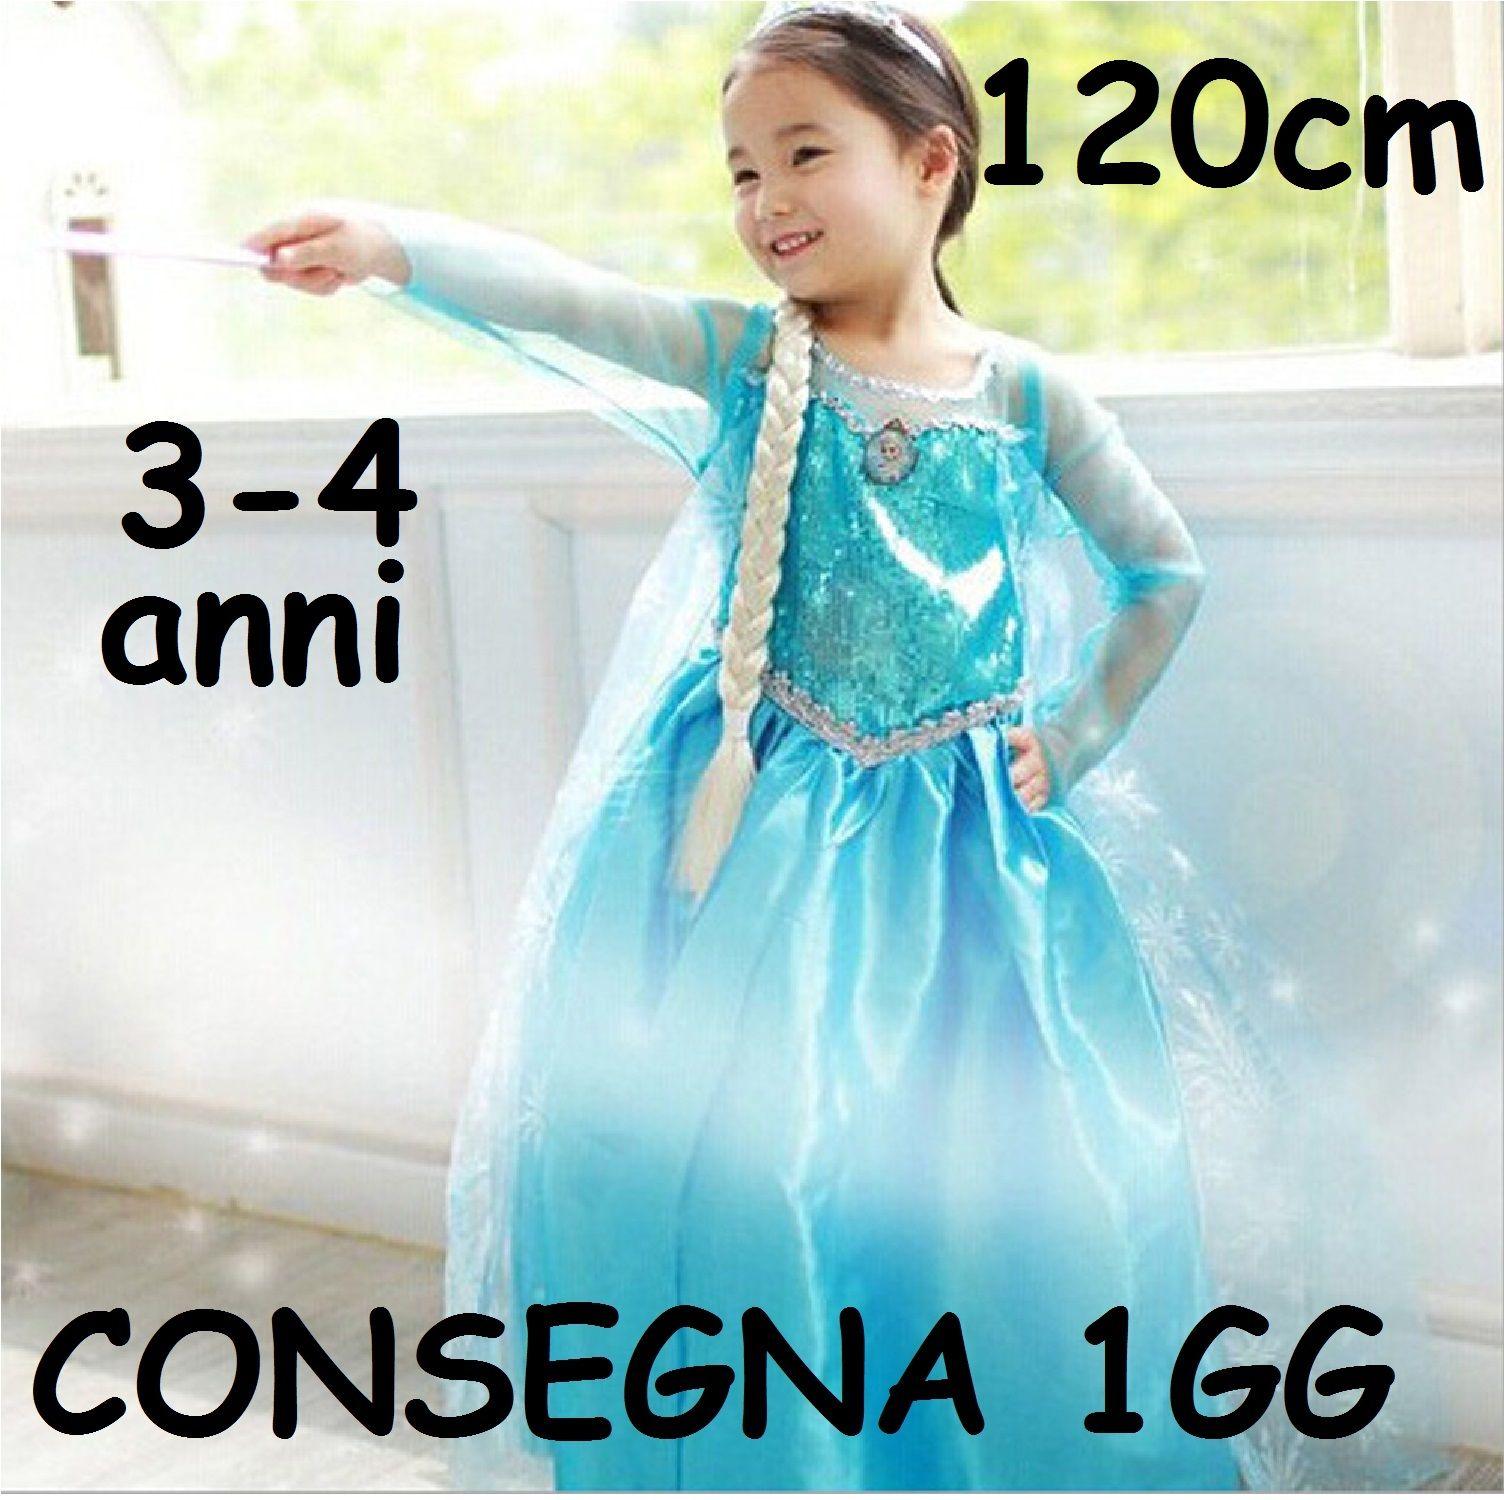 Maschera Carnevale Vestito Costume principessa Elsa regno di ghiaccio Frozen  taglia 3 4 5 6 7 8 anni Bambina deca9833abc